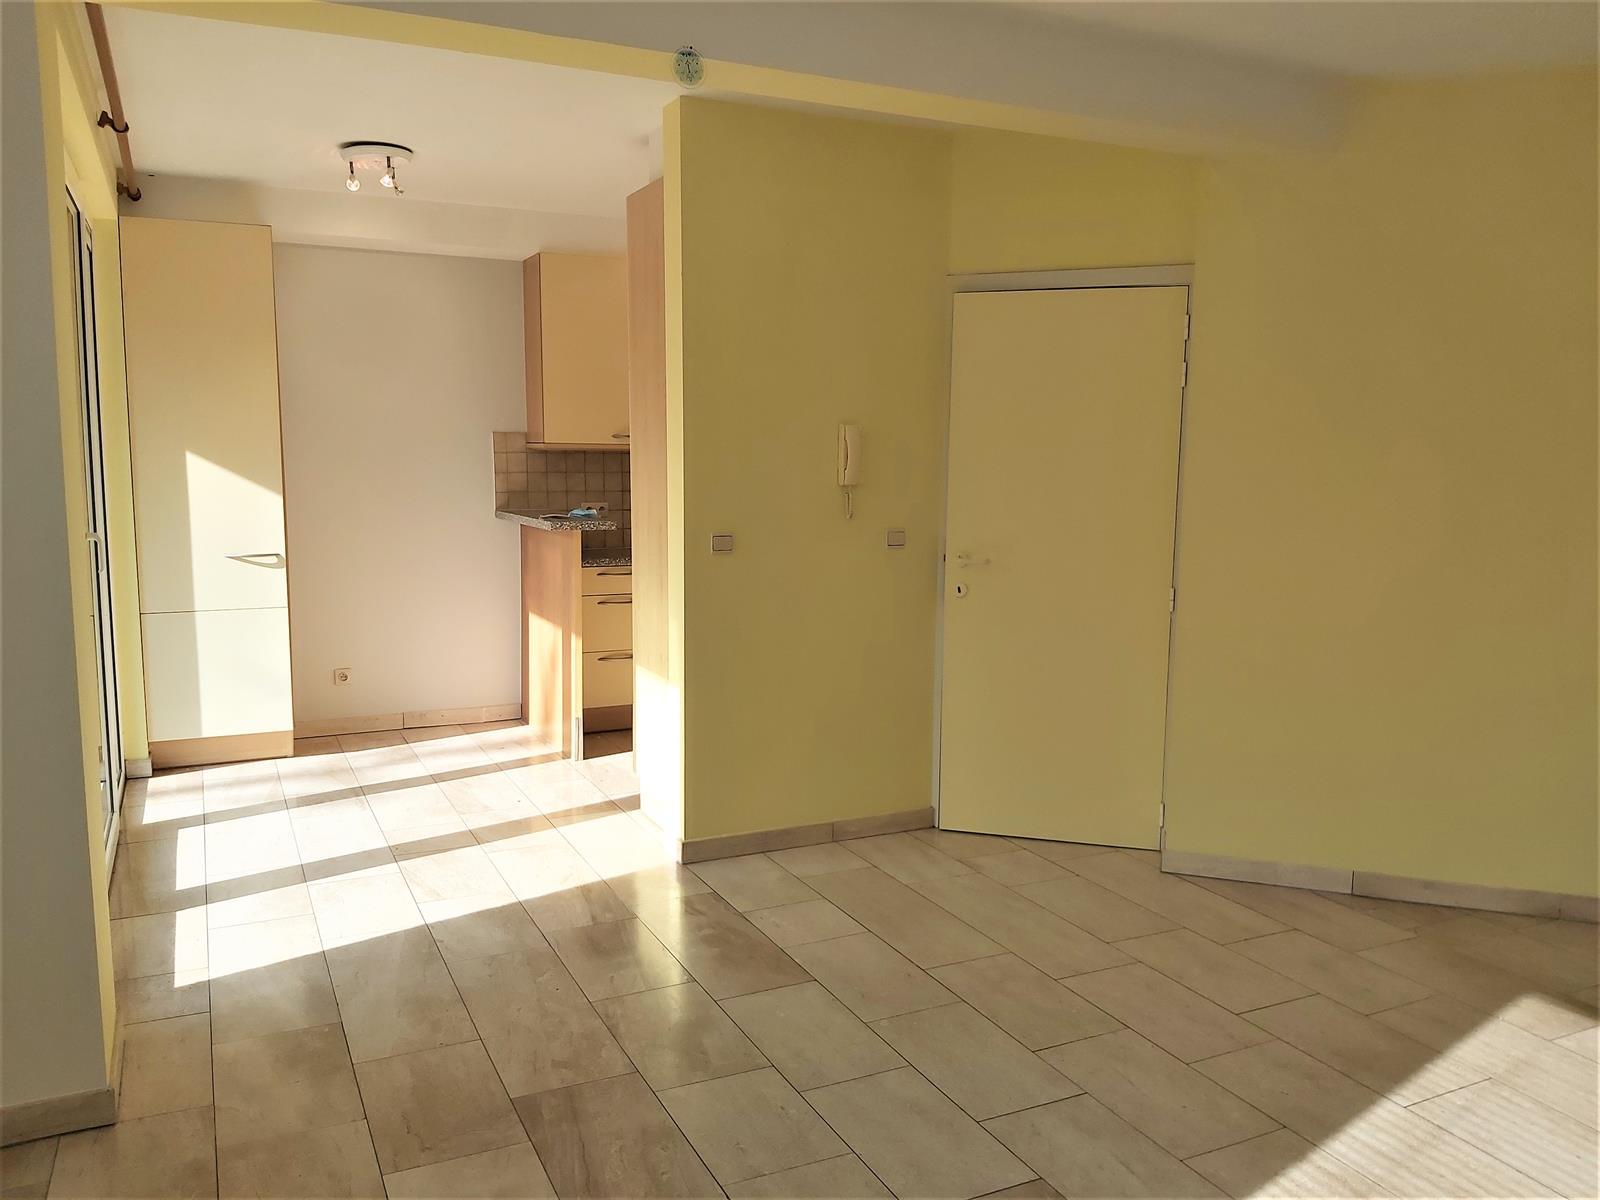 Appartement - Ottignies-Louvain-la-Neuve - #4498228-4